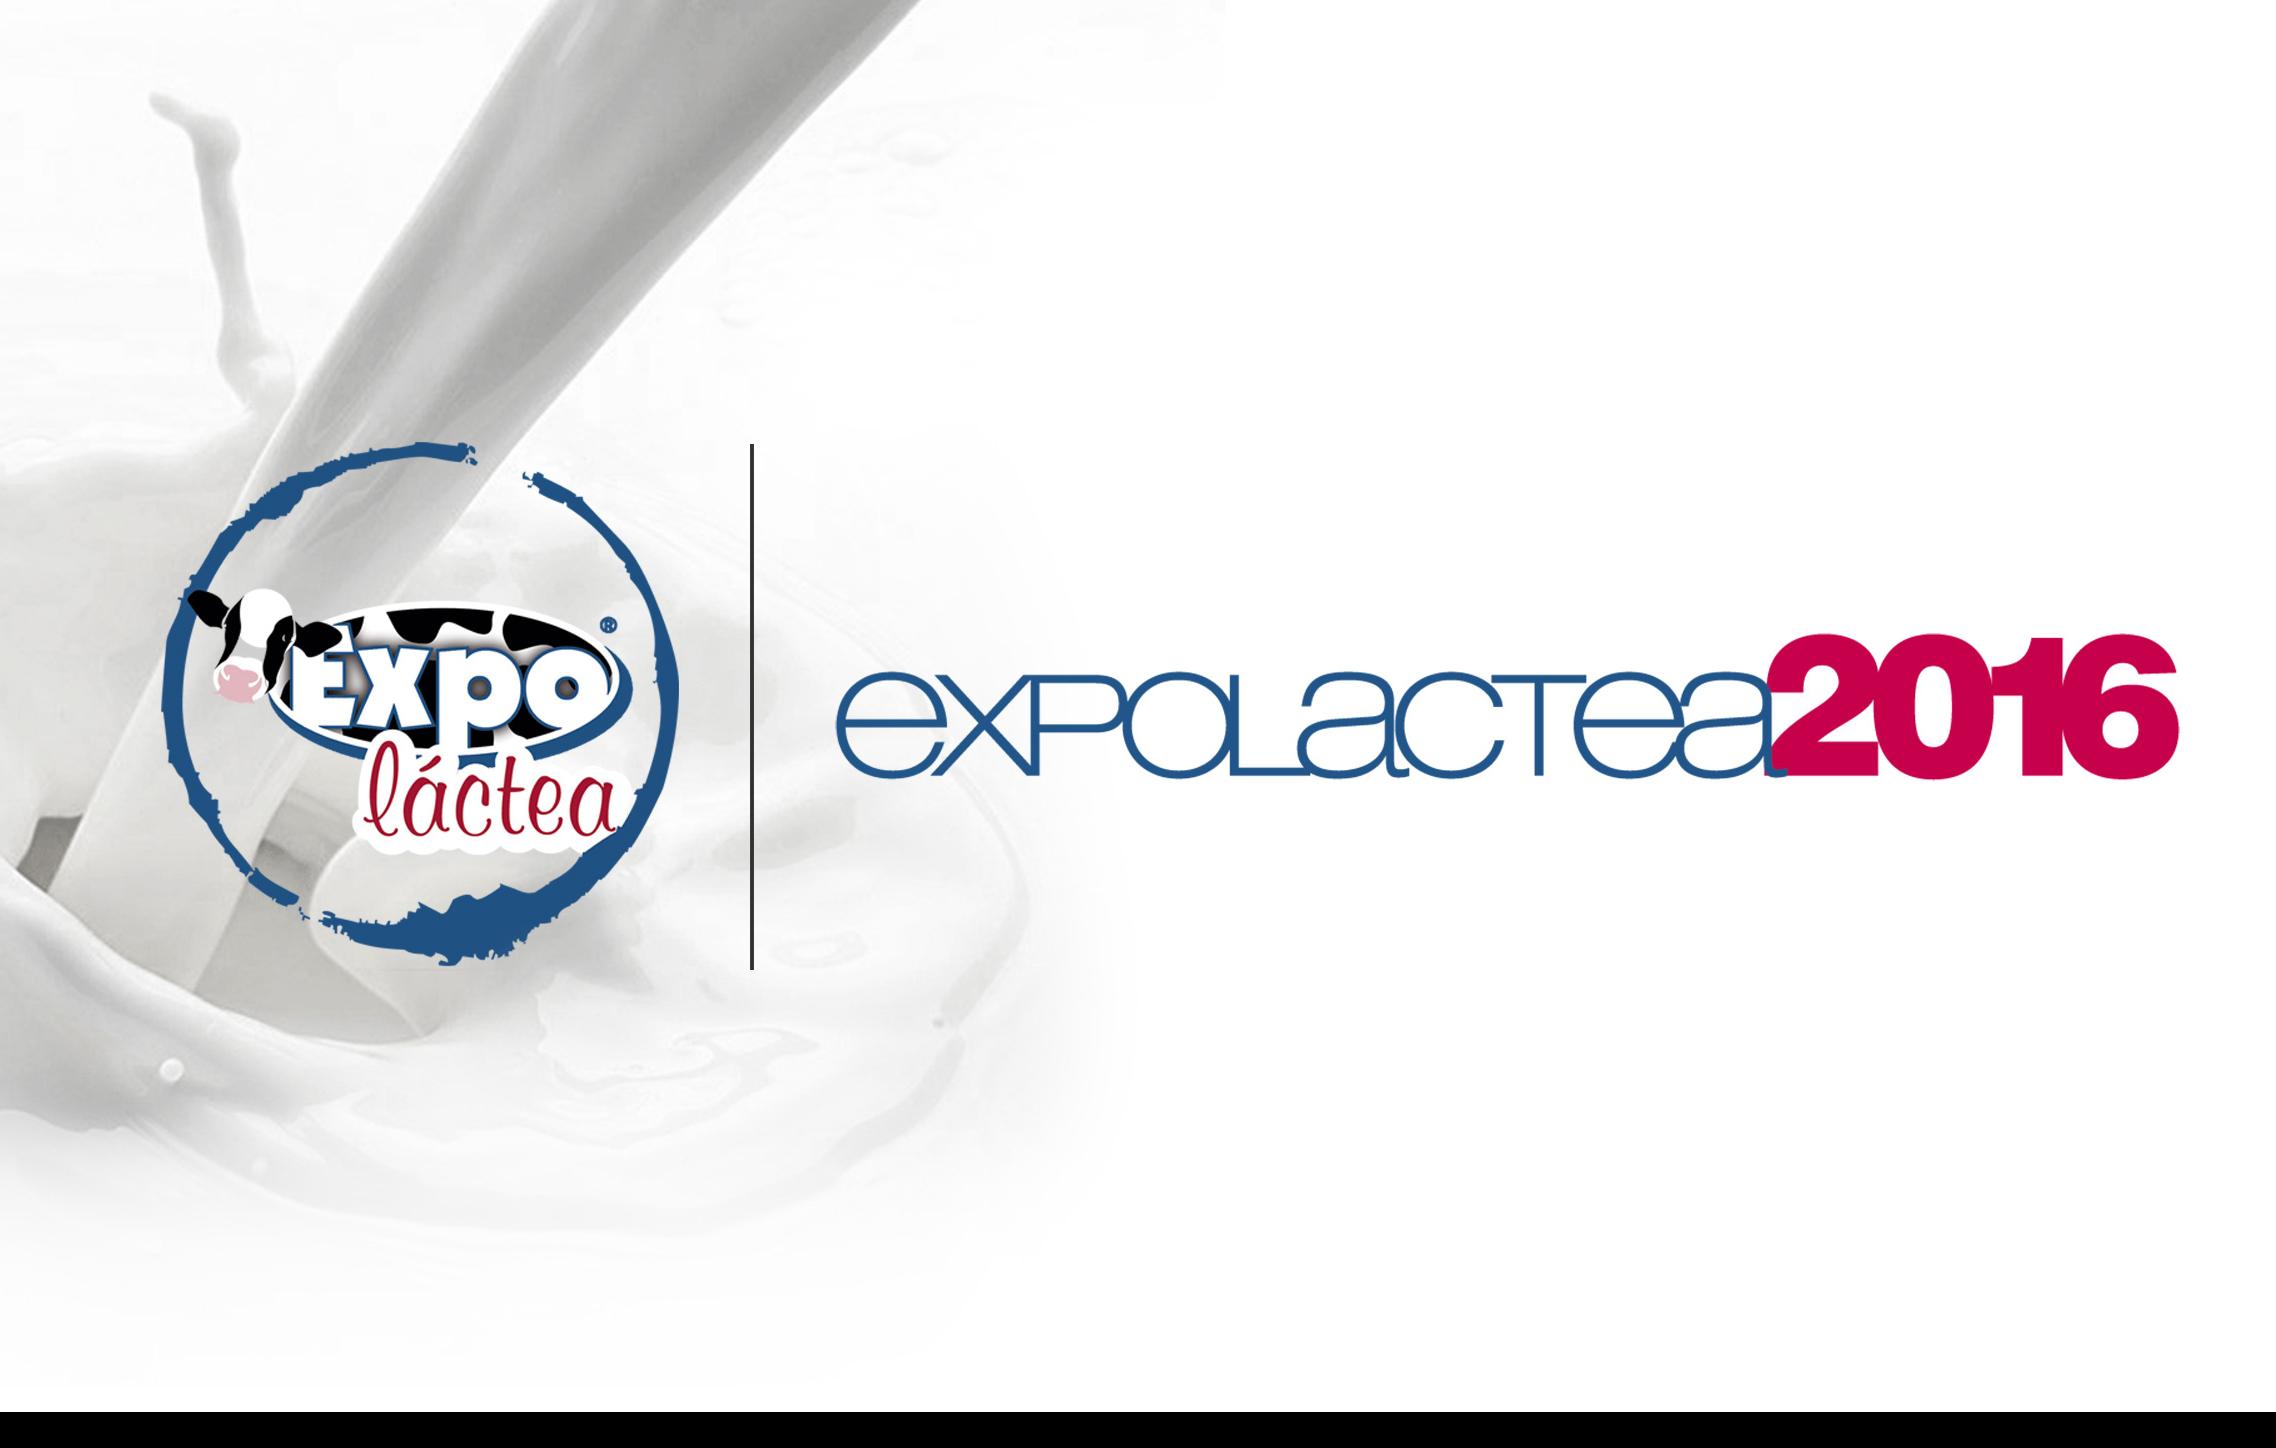 Expo Láctea 2016